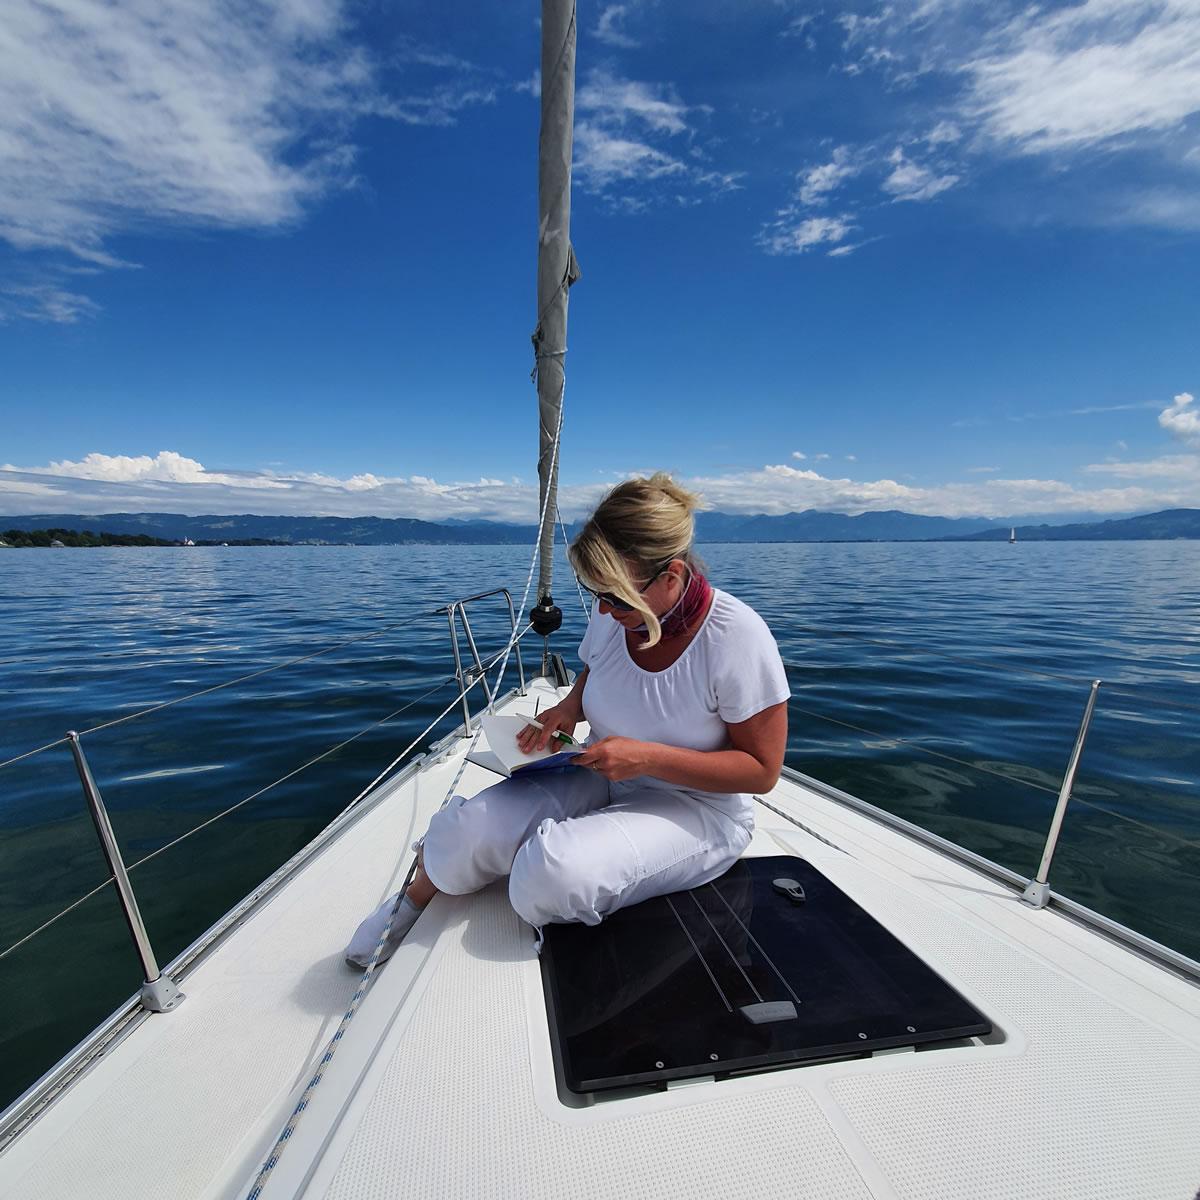 Autorin Susanne-Gärtner Segeln Yacht Deck 2